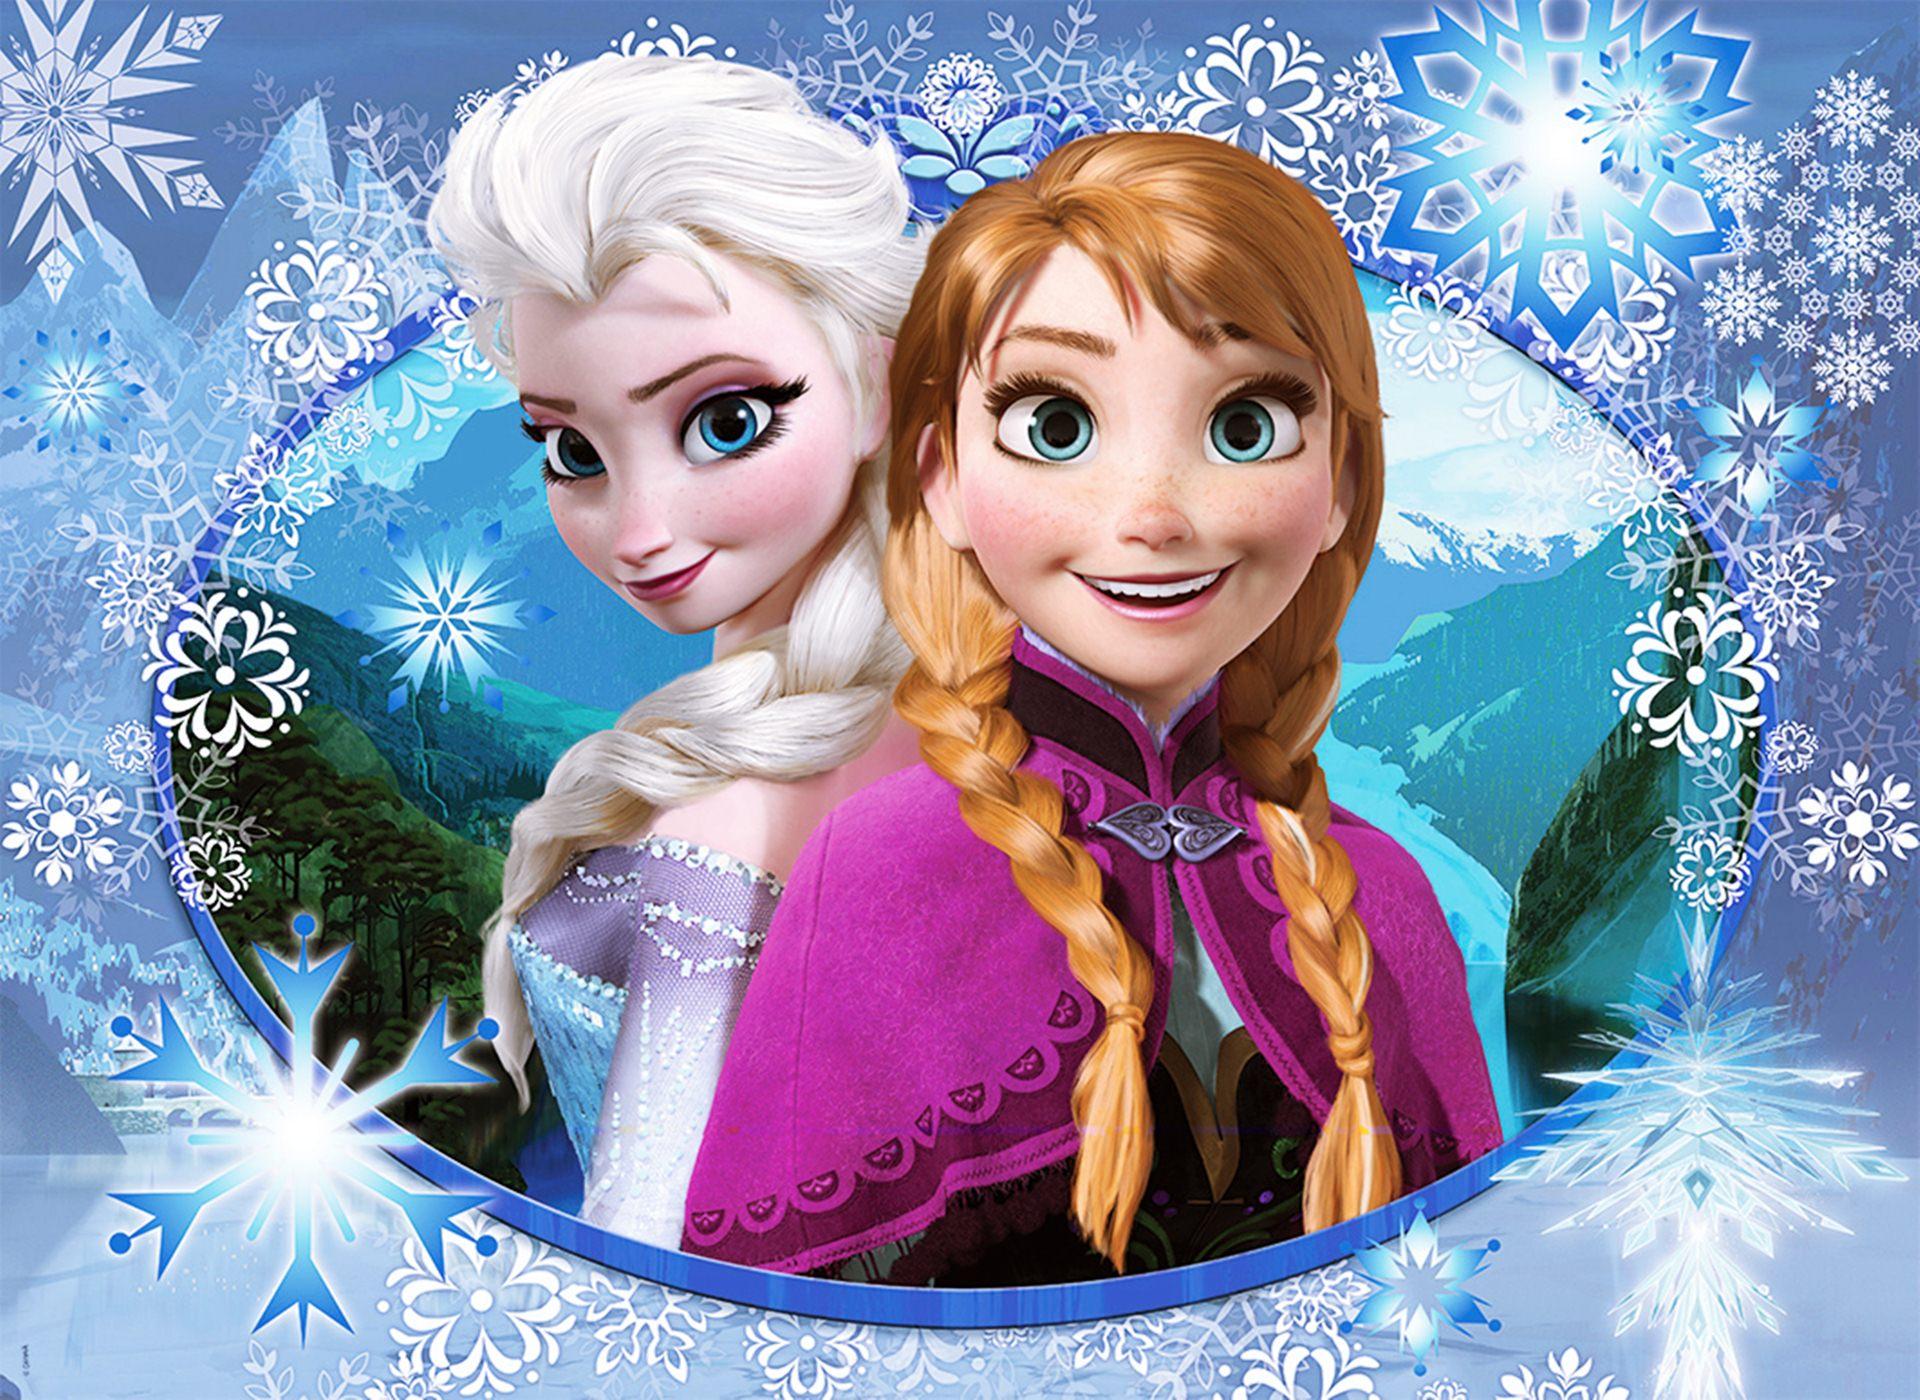 cat wallpapersjuego Queen Elsa and Princess Anna Frozen Wallpaperphp 1920x1400